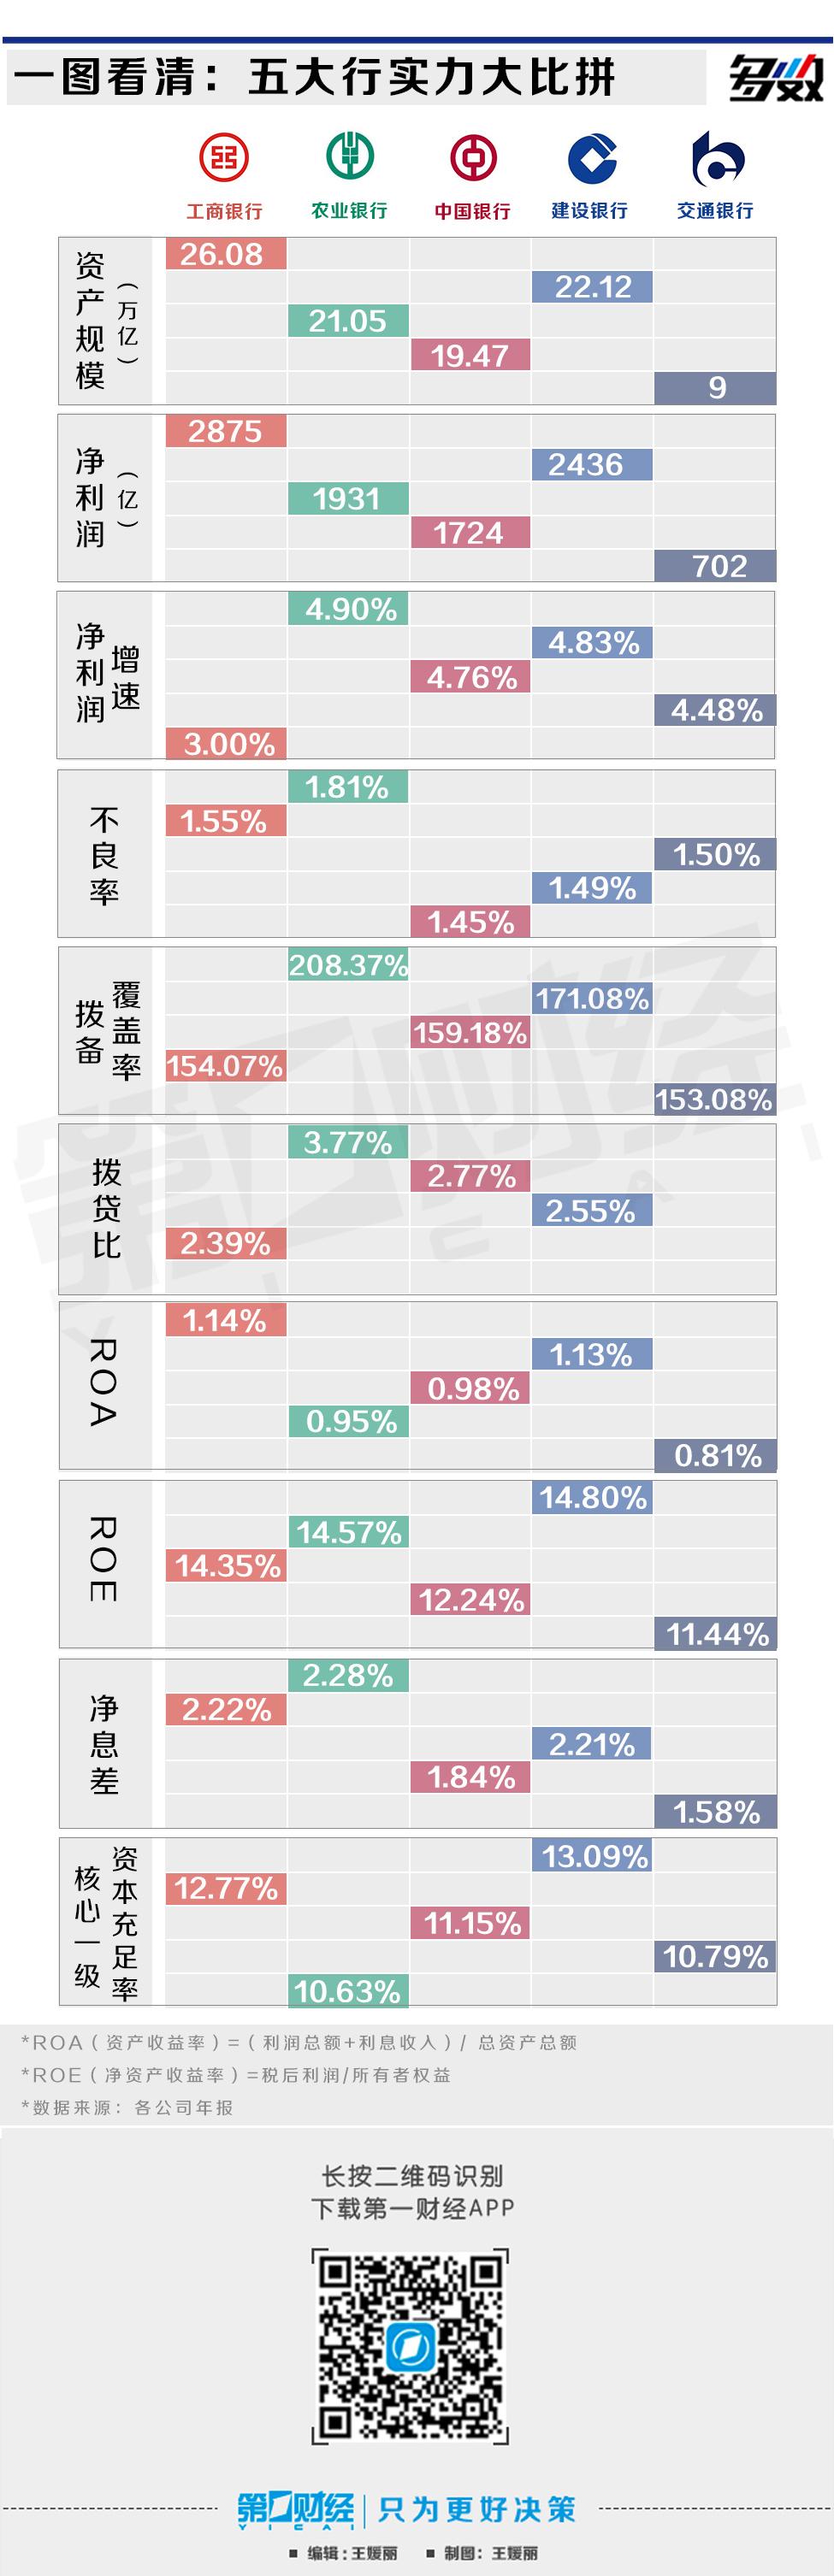 """五大行零售业务急""""冲锋"""",农行""""吸金""""最多"""